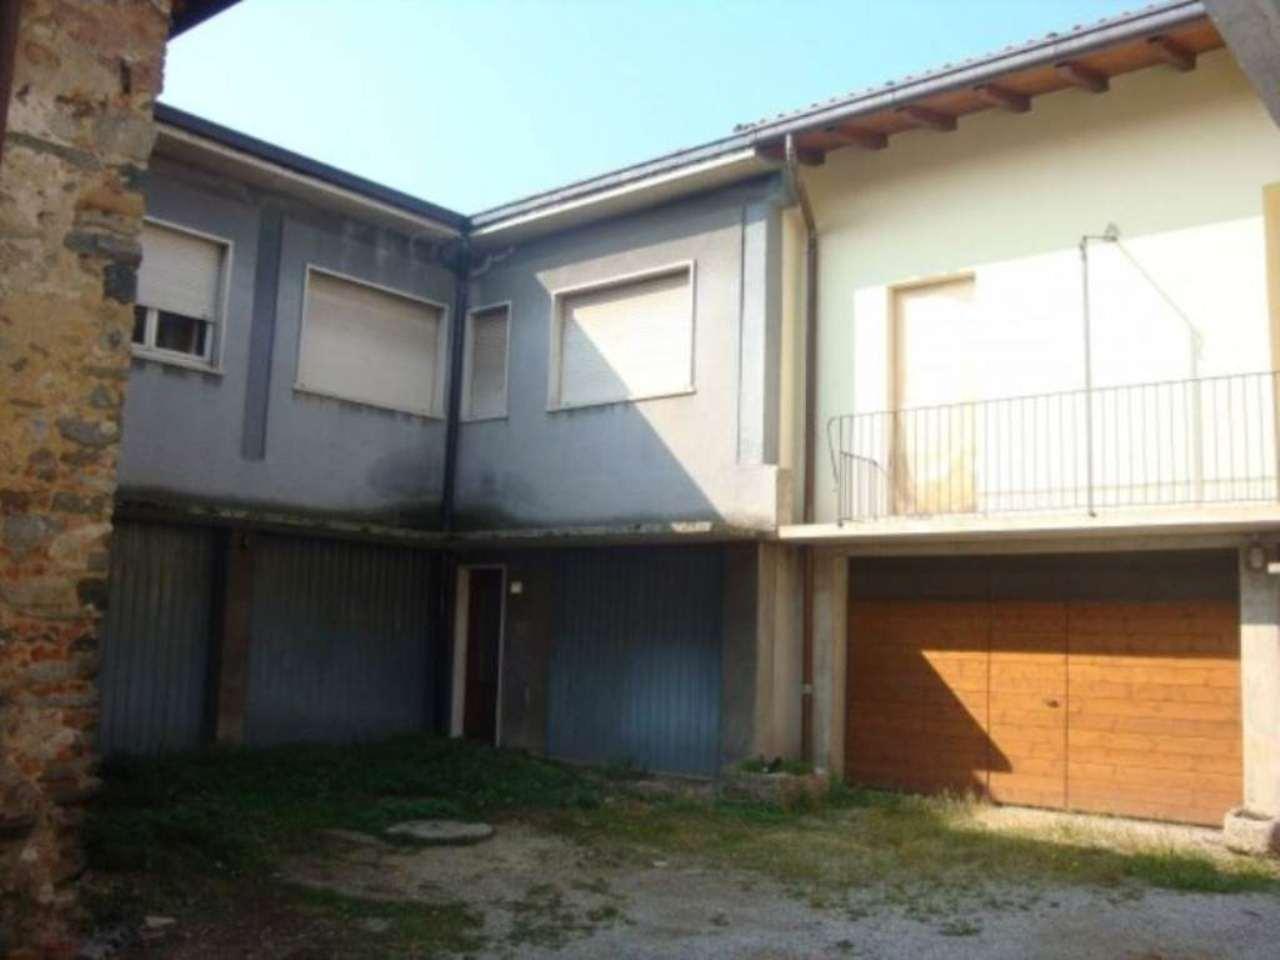 Rustico / Casale in vendita a Arosio, 5 locali, prezzo € 70.000 | Cambio Casa.it